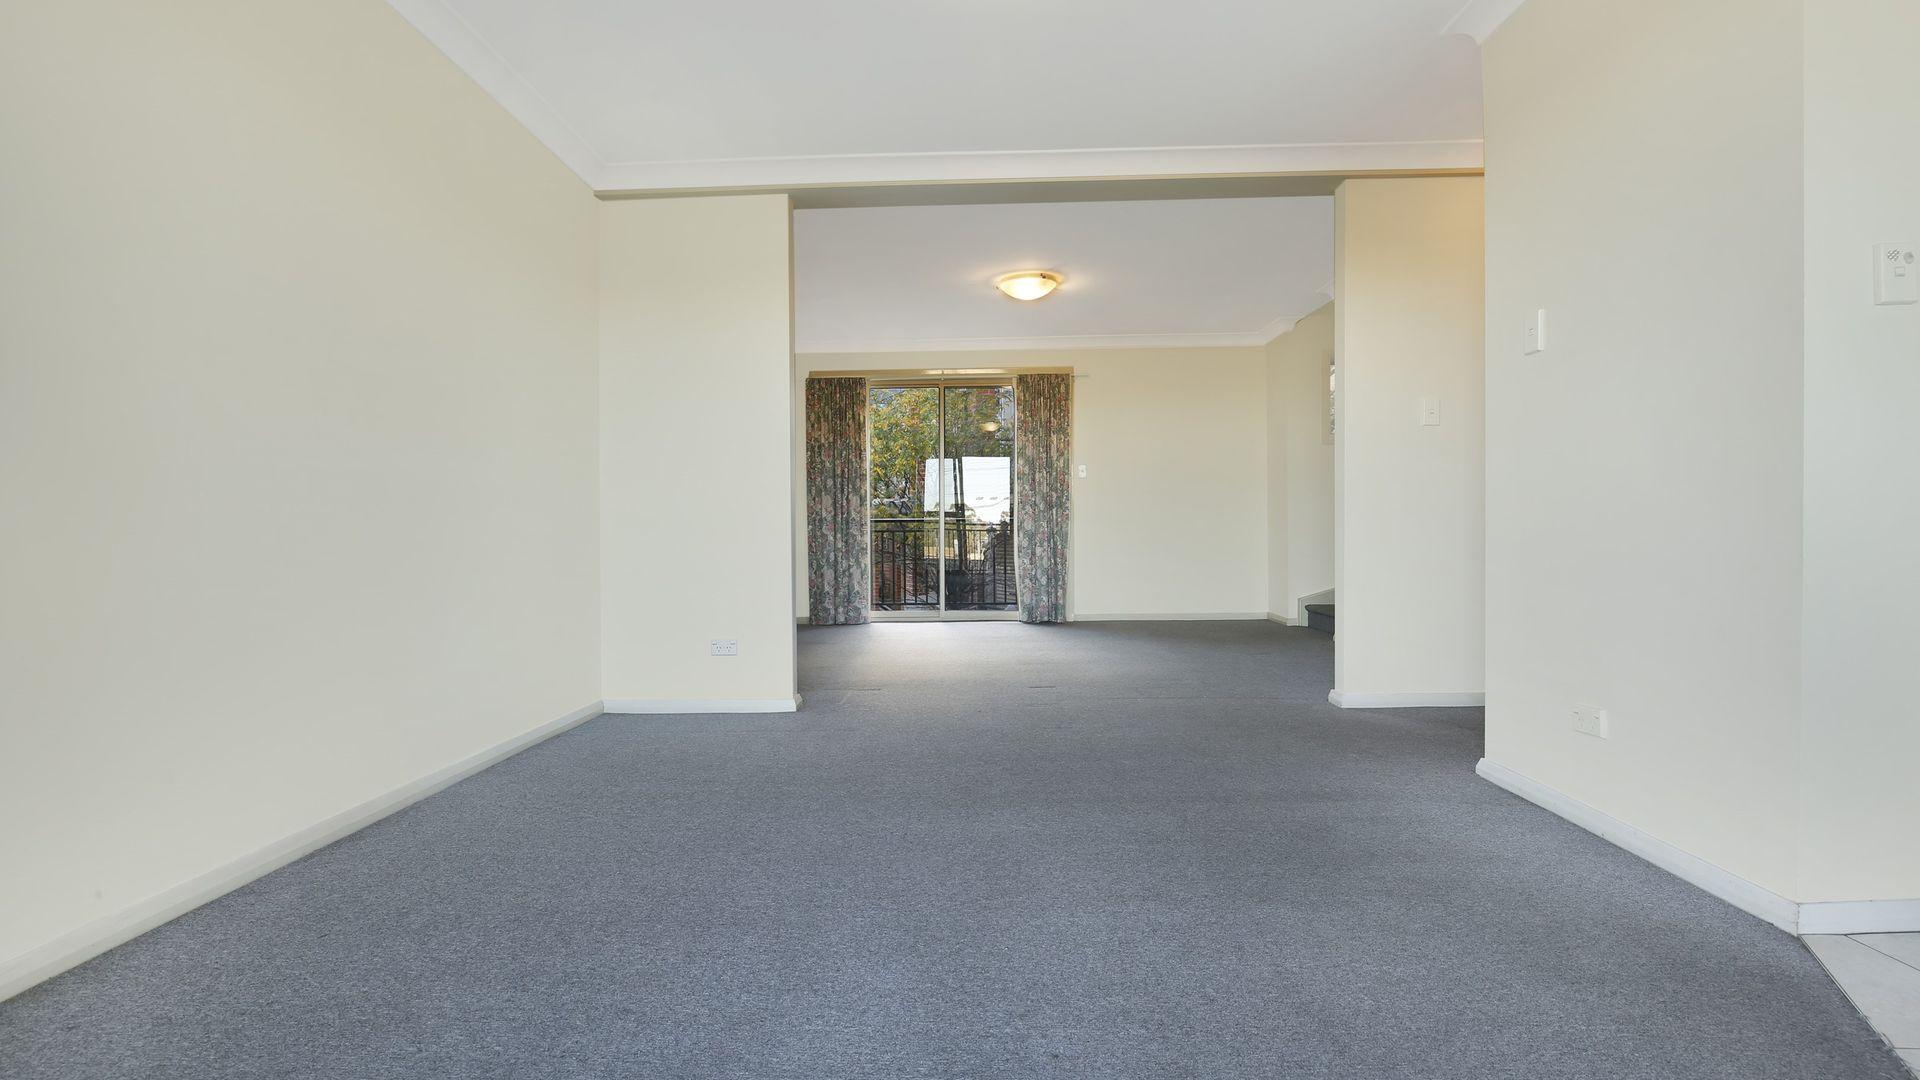 13/35 Bridge Street, Coniston NSW 2500, Image 2